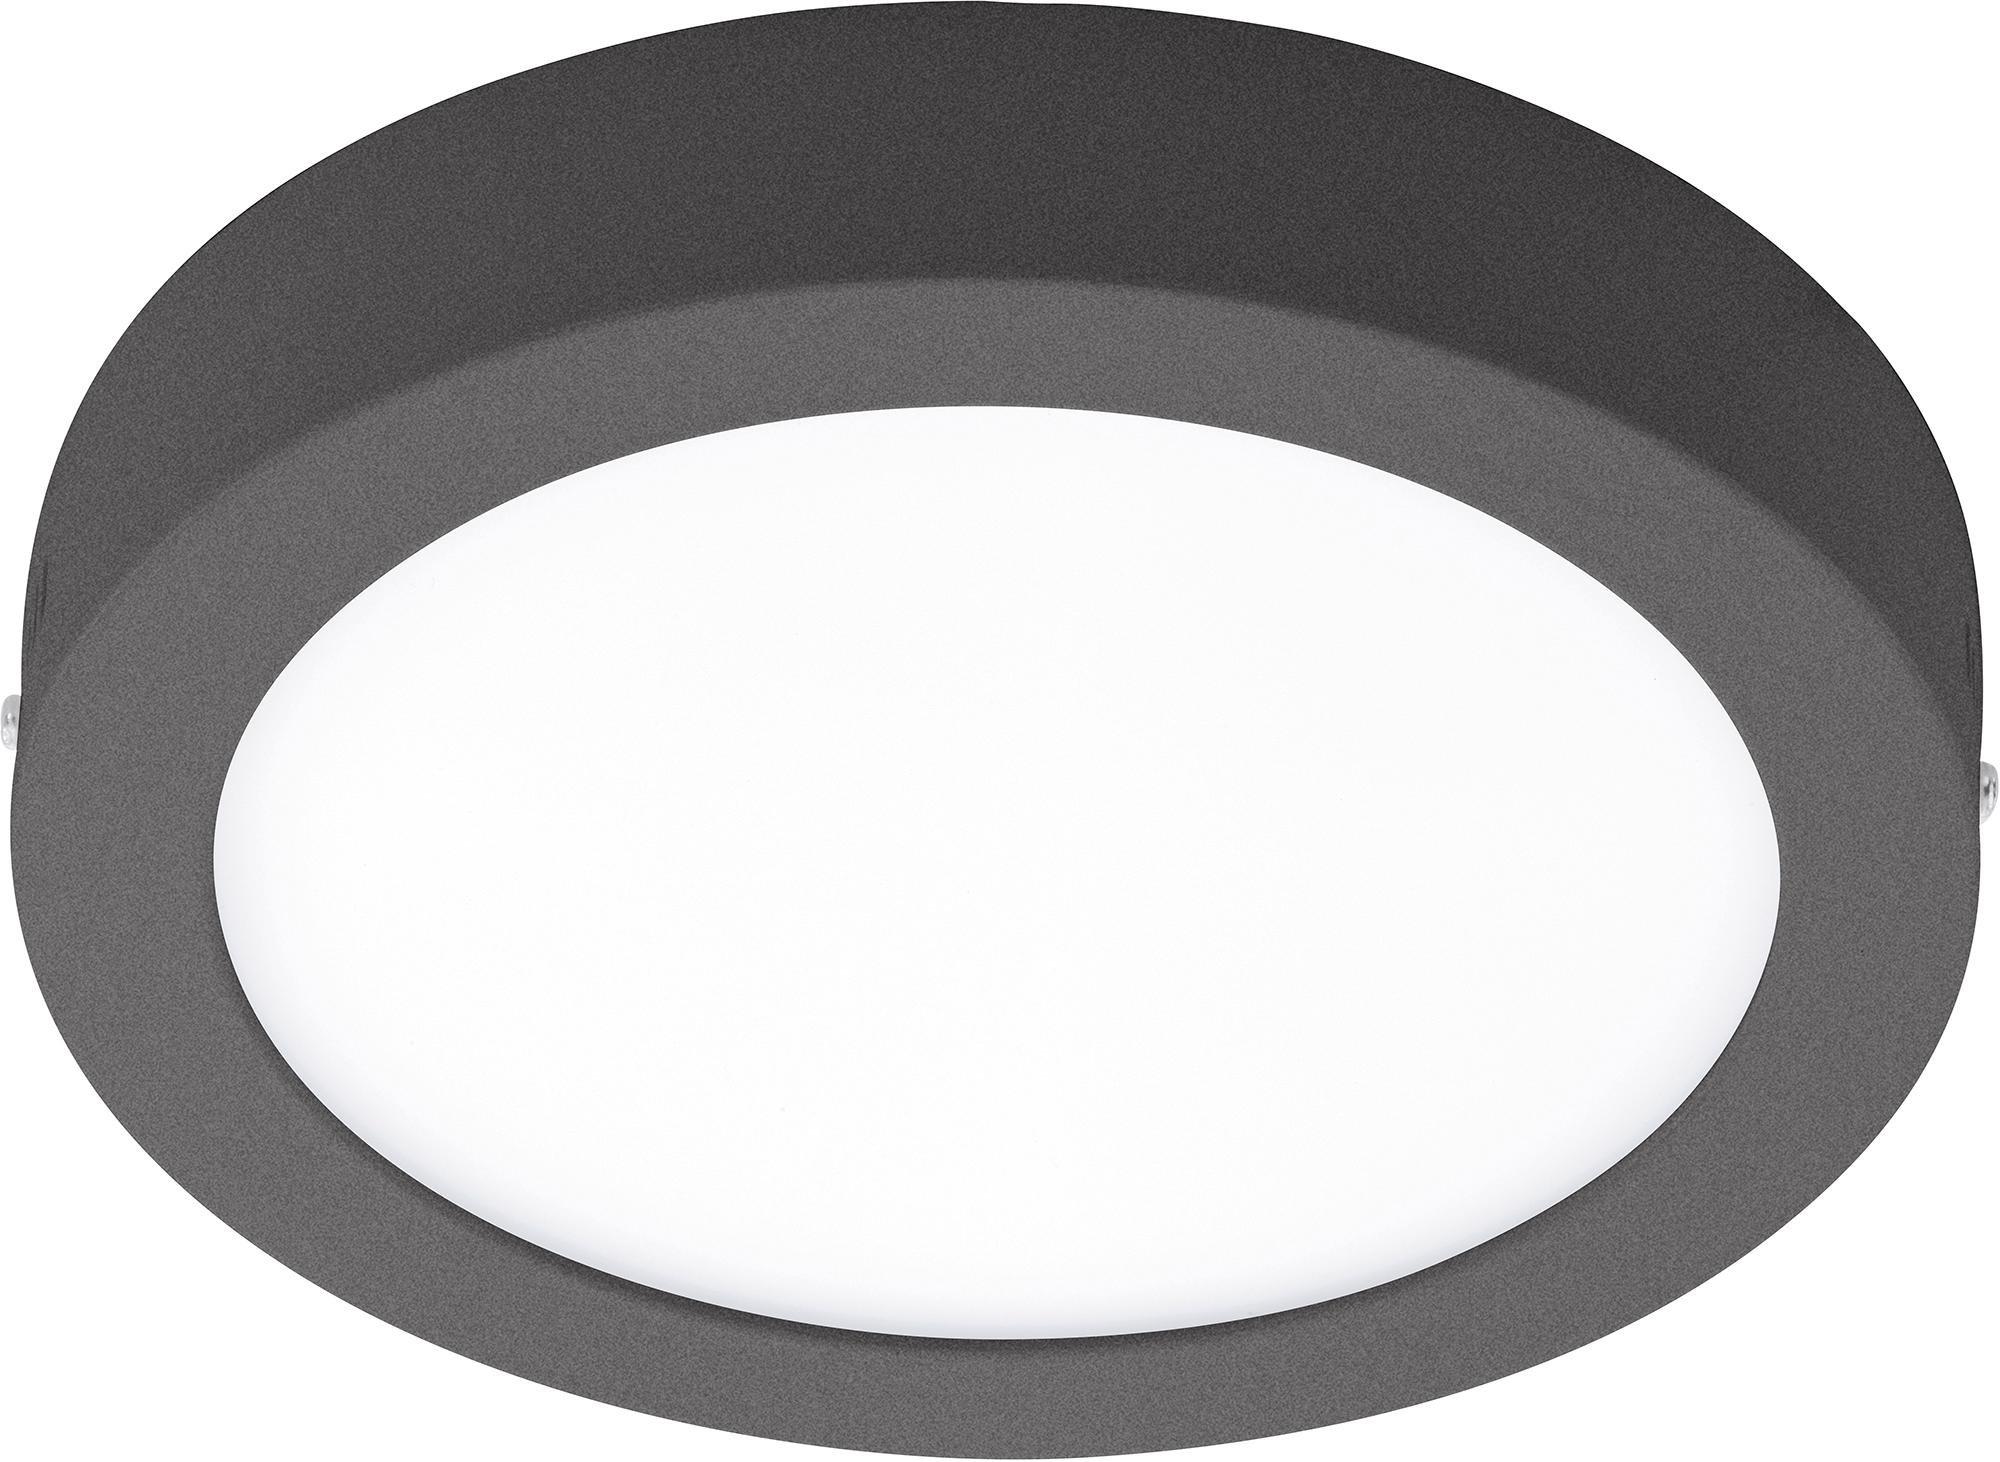 EGLO led-plafondlamp voor buiten ARGOLIS rond - verschillende betaalmethodes